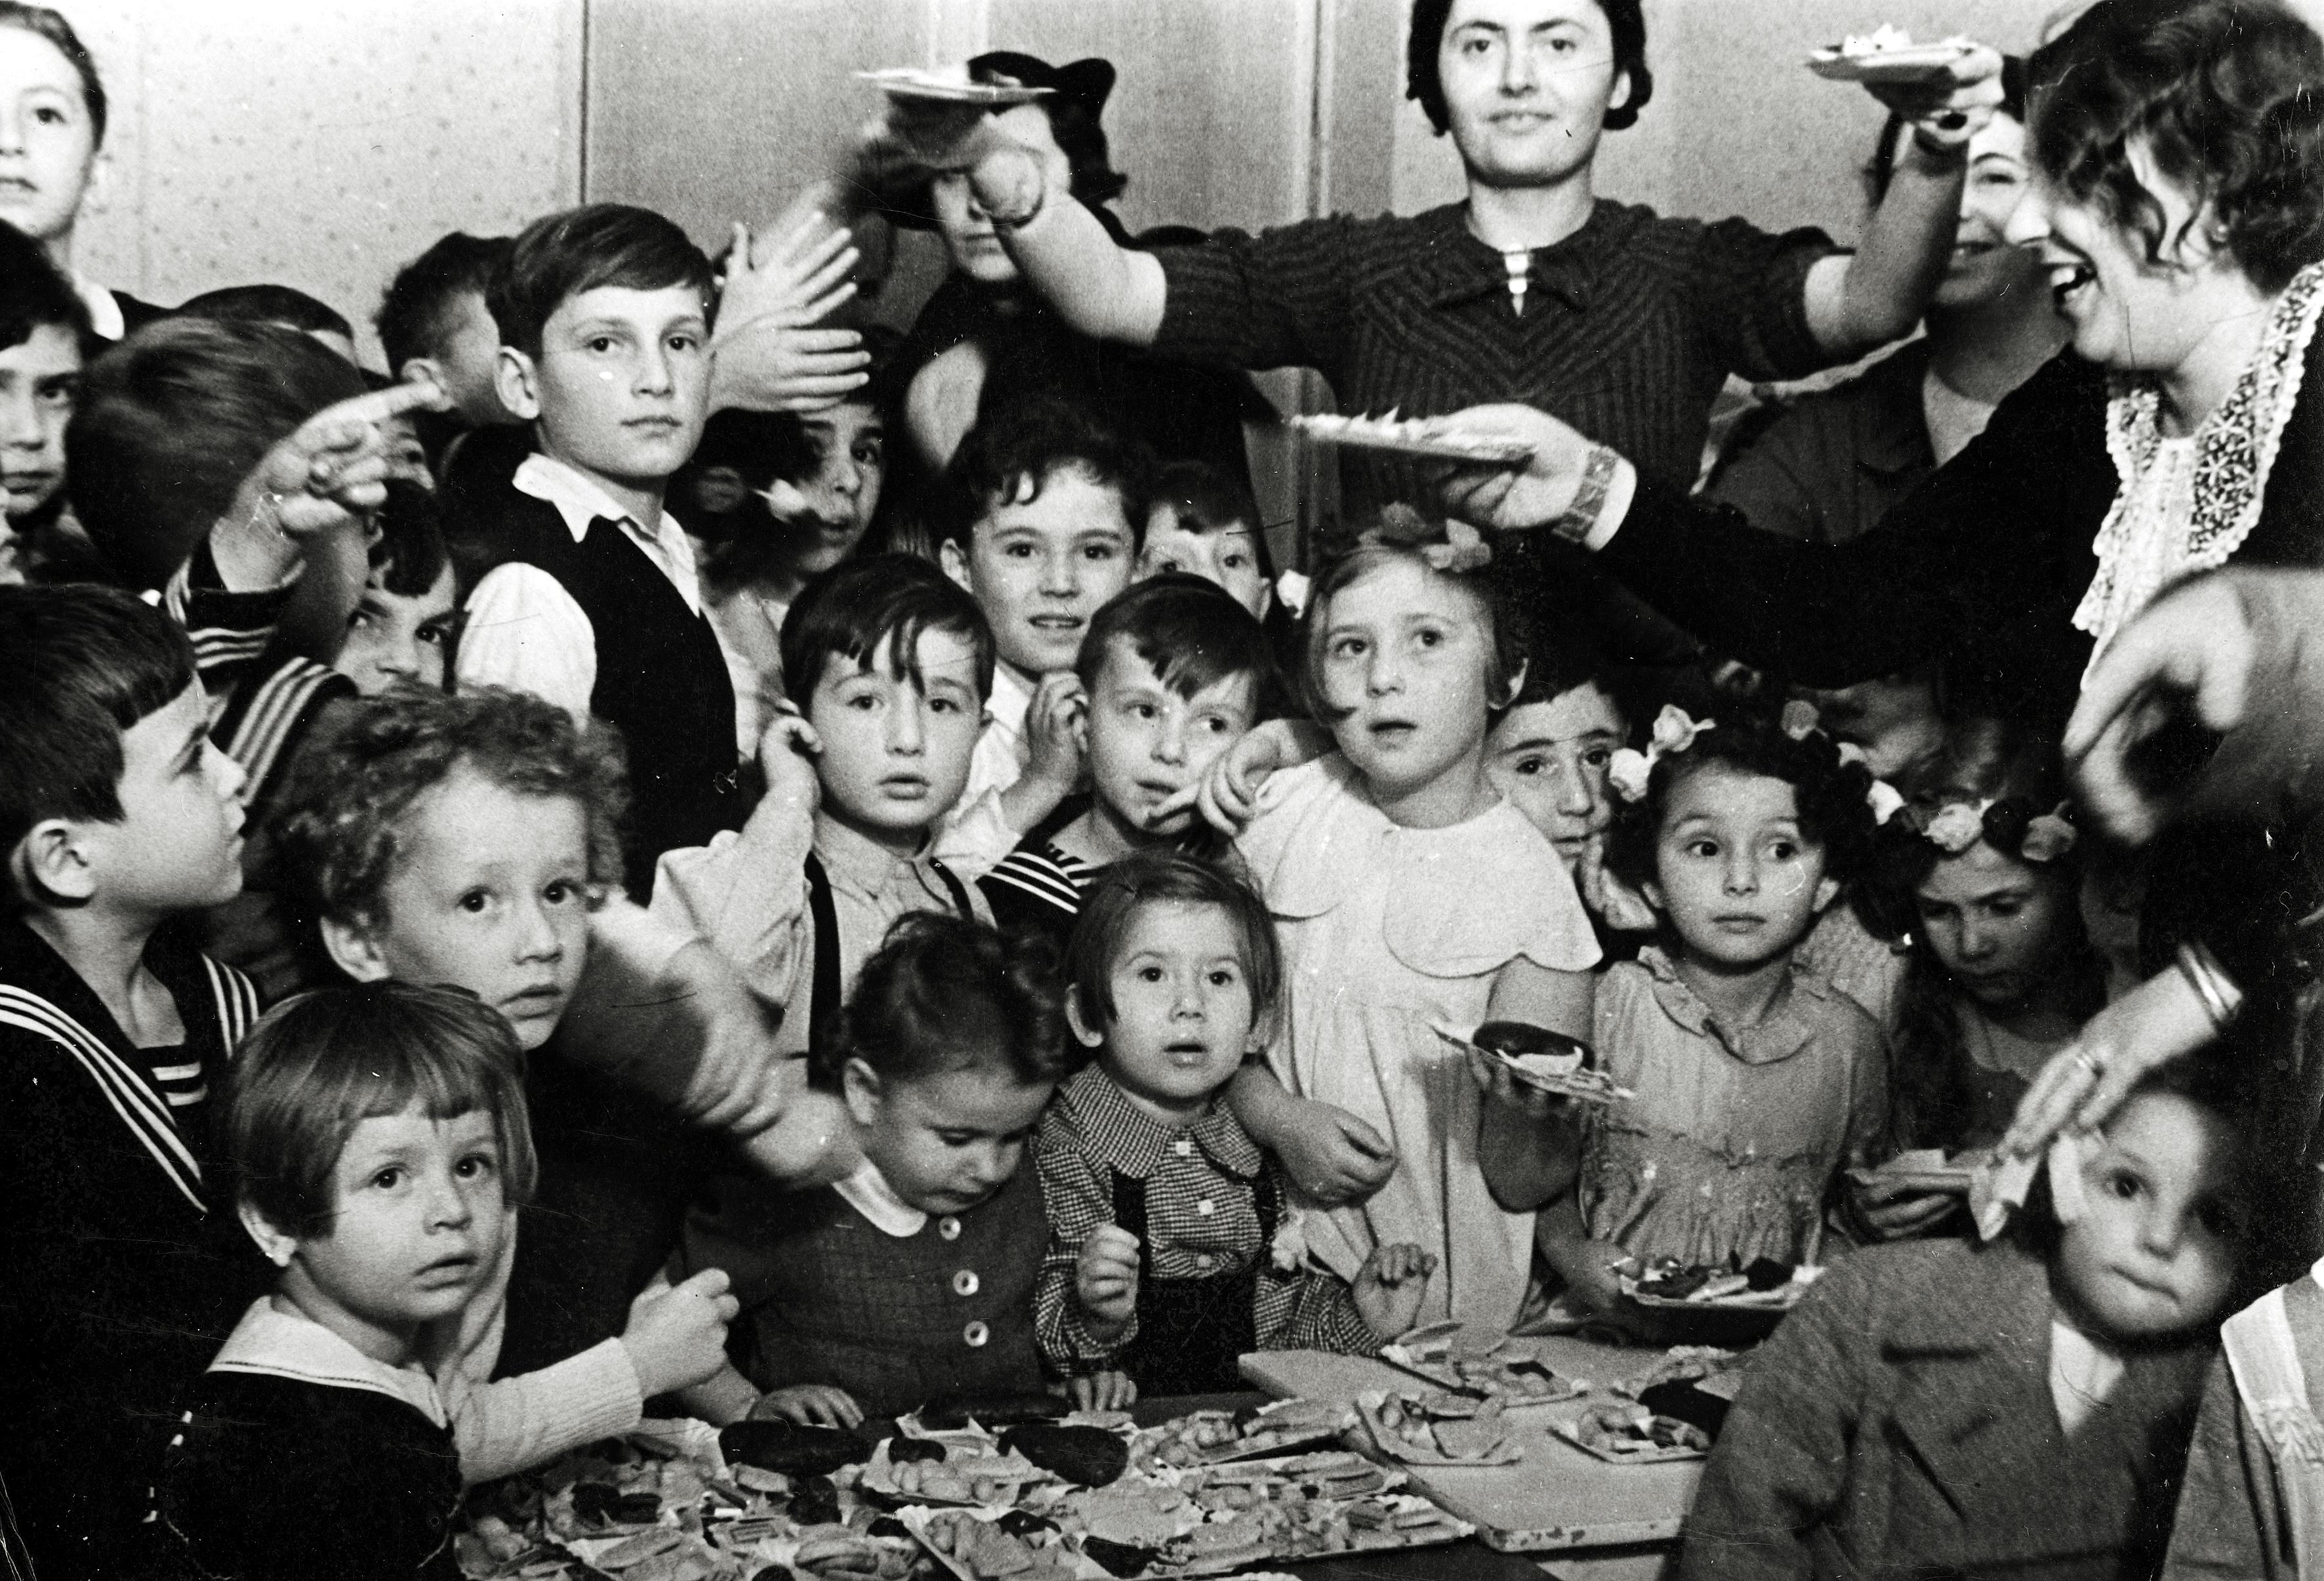 Rosa Rosensteins Töchter Bessy Aharoni und Lilly Drill im Kindergarten während einer Purimfeier in Berlin